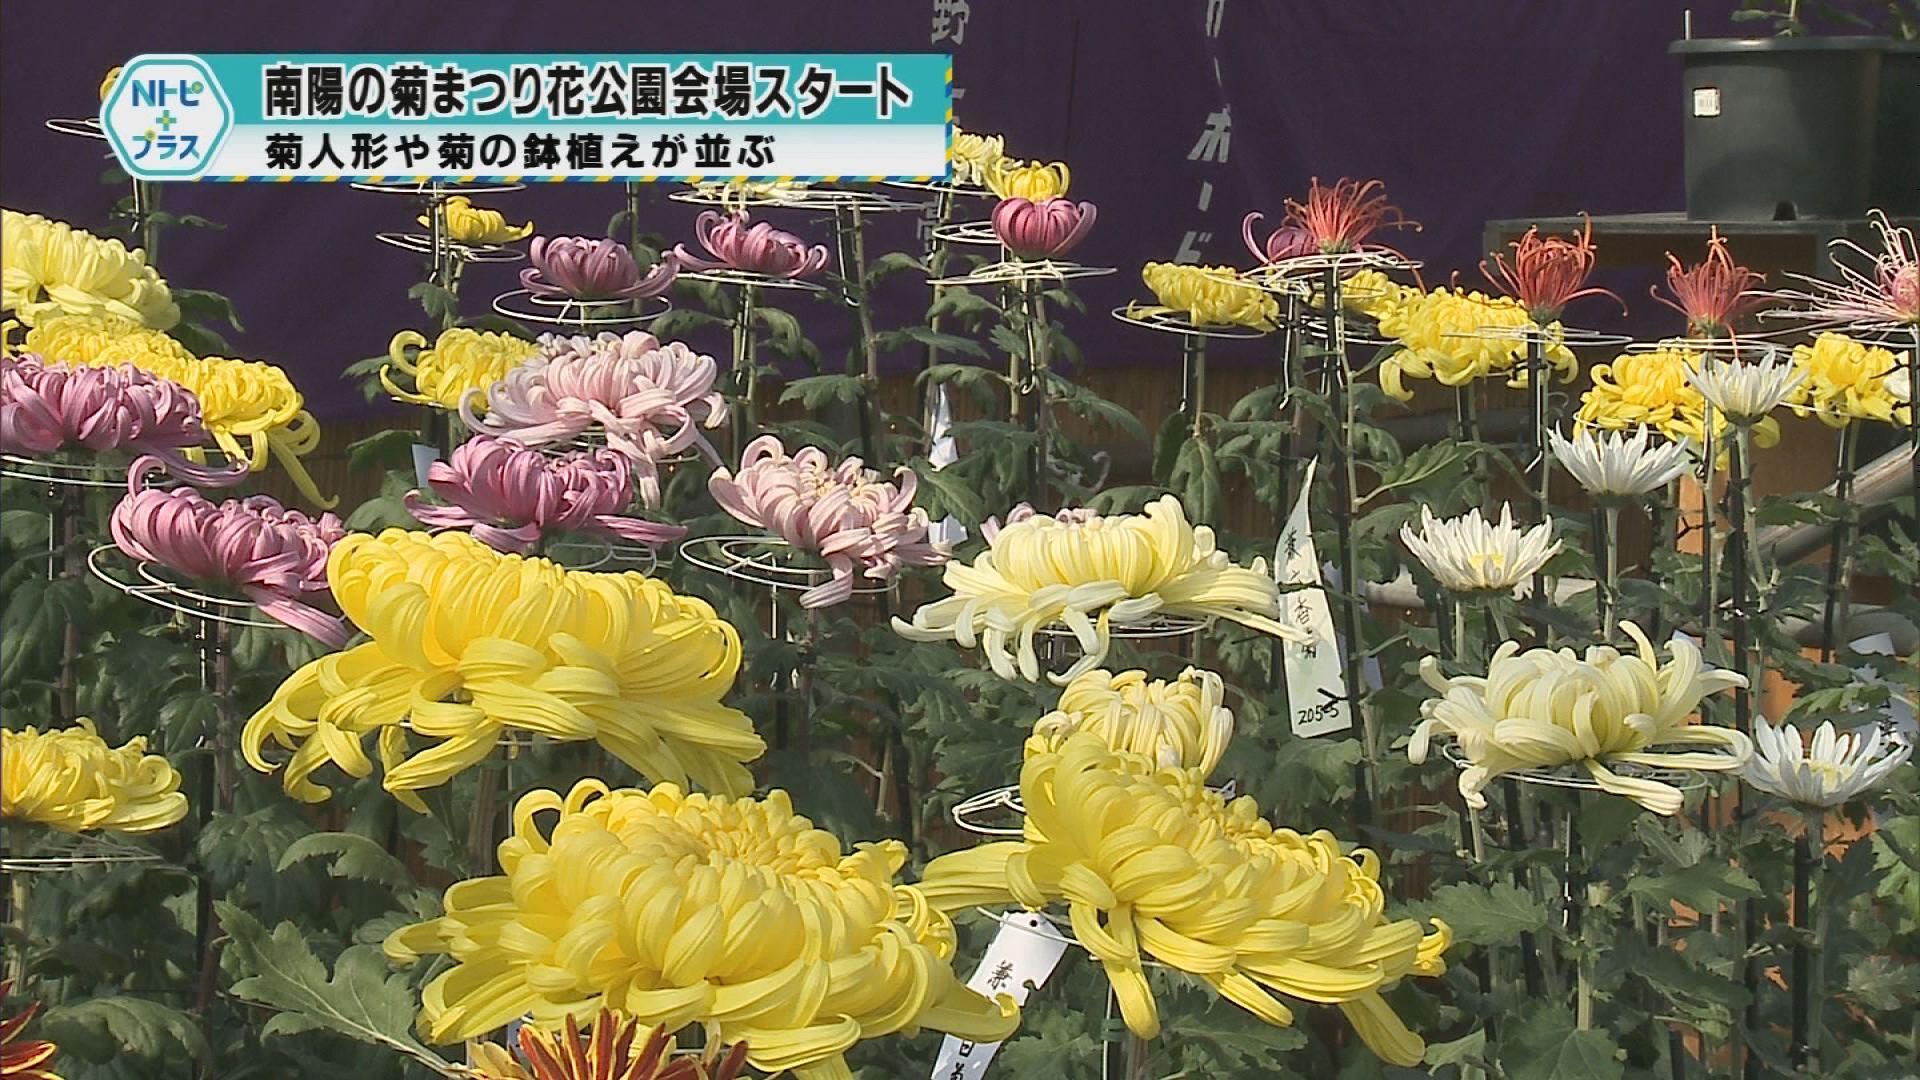 「南陽の菊まつり花公園会場スタート」菊人形や菊の鉢植えが並ぶ